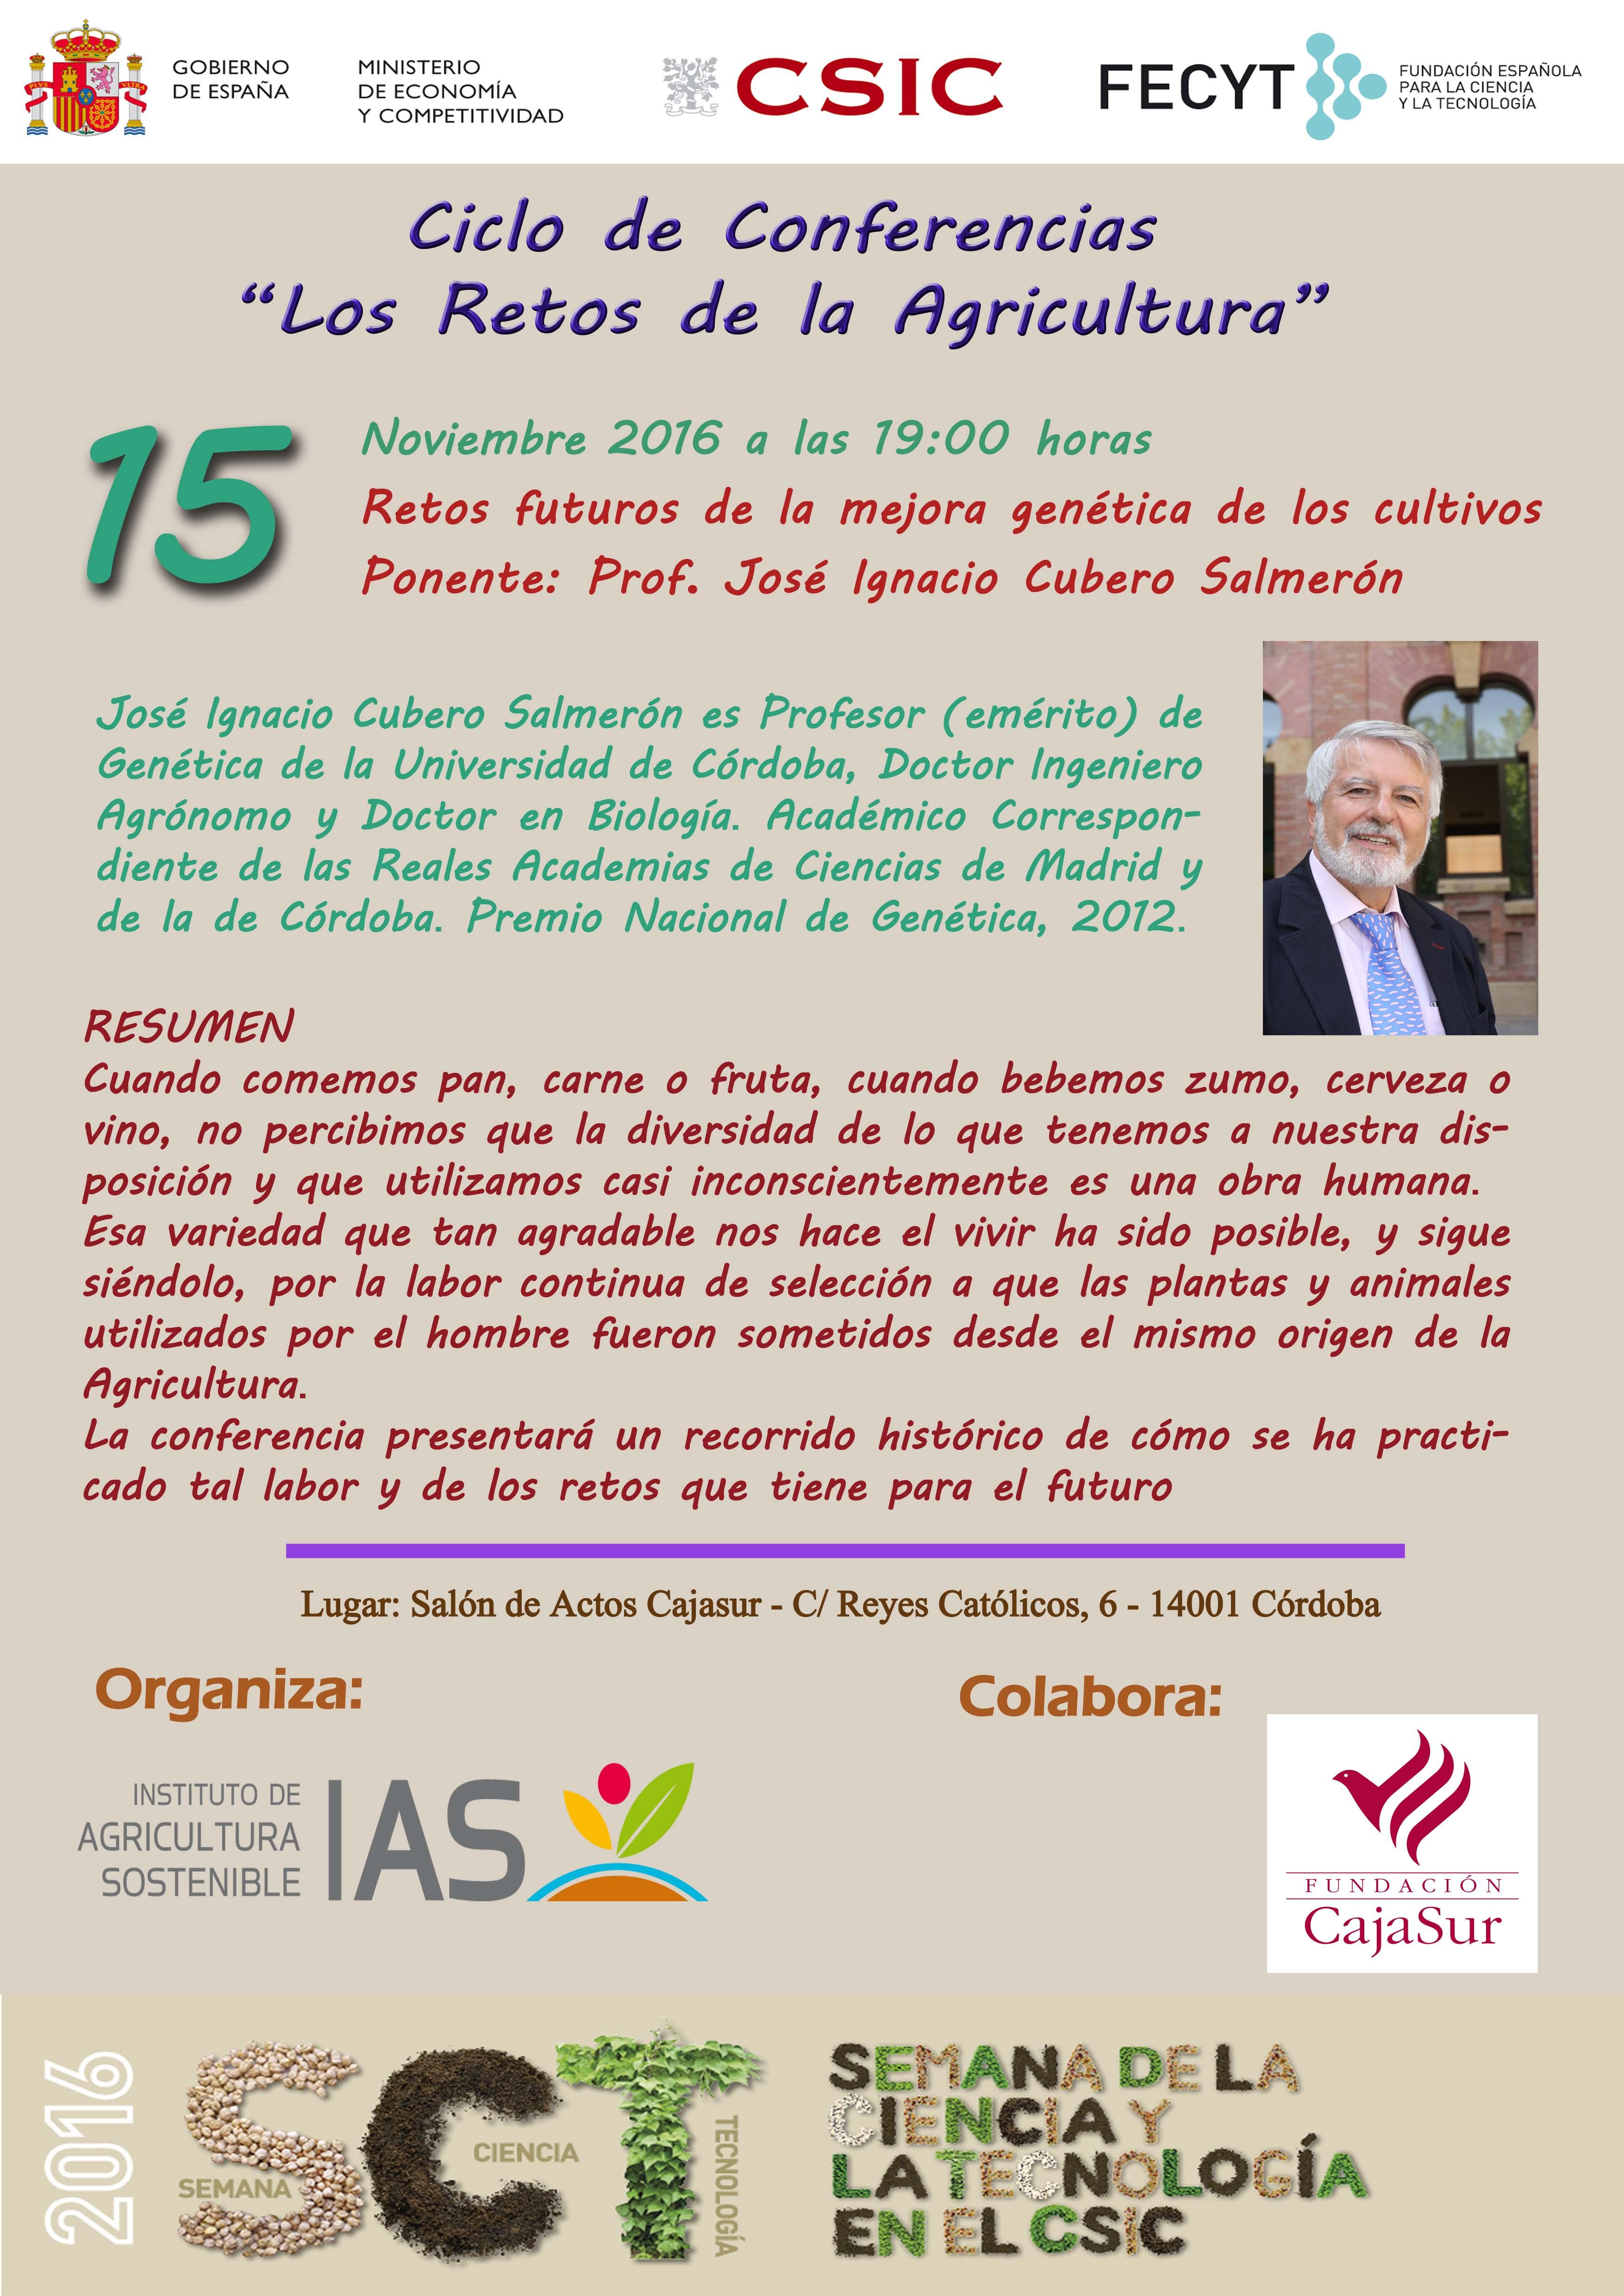 cartel-conferencia-ias-jicubero